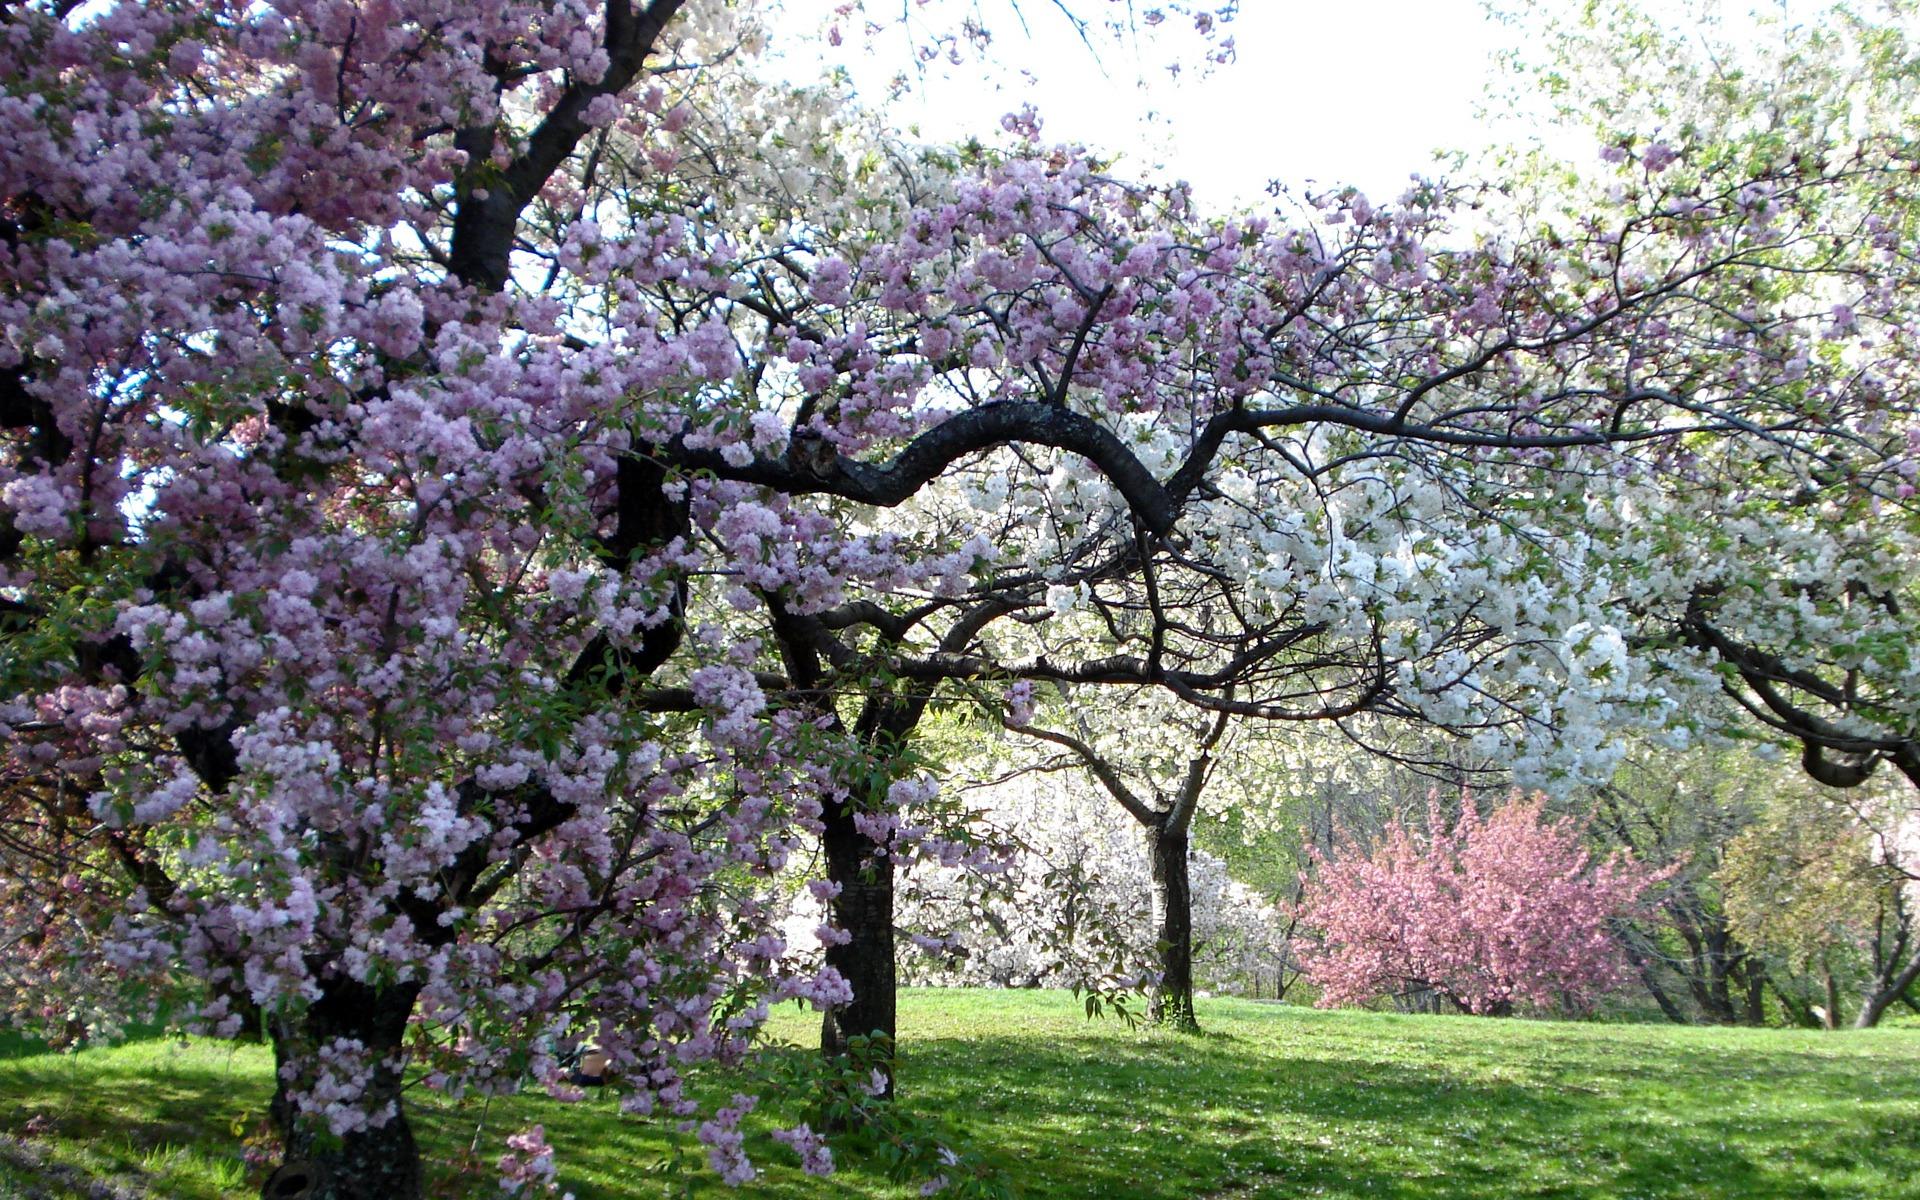 Hd обои розовые, сад, Деревья, весна,, цвет 1920 x 1080 для рабочего